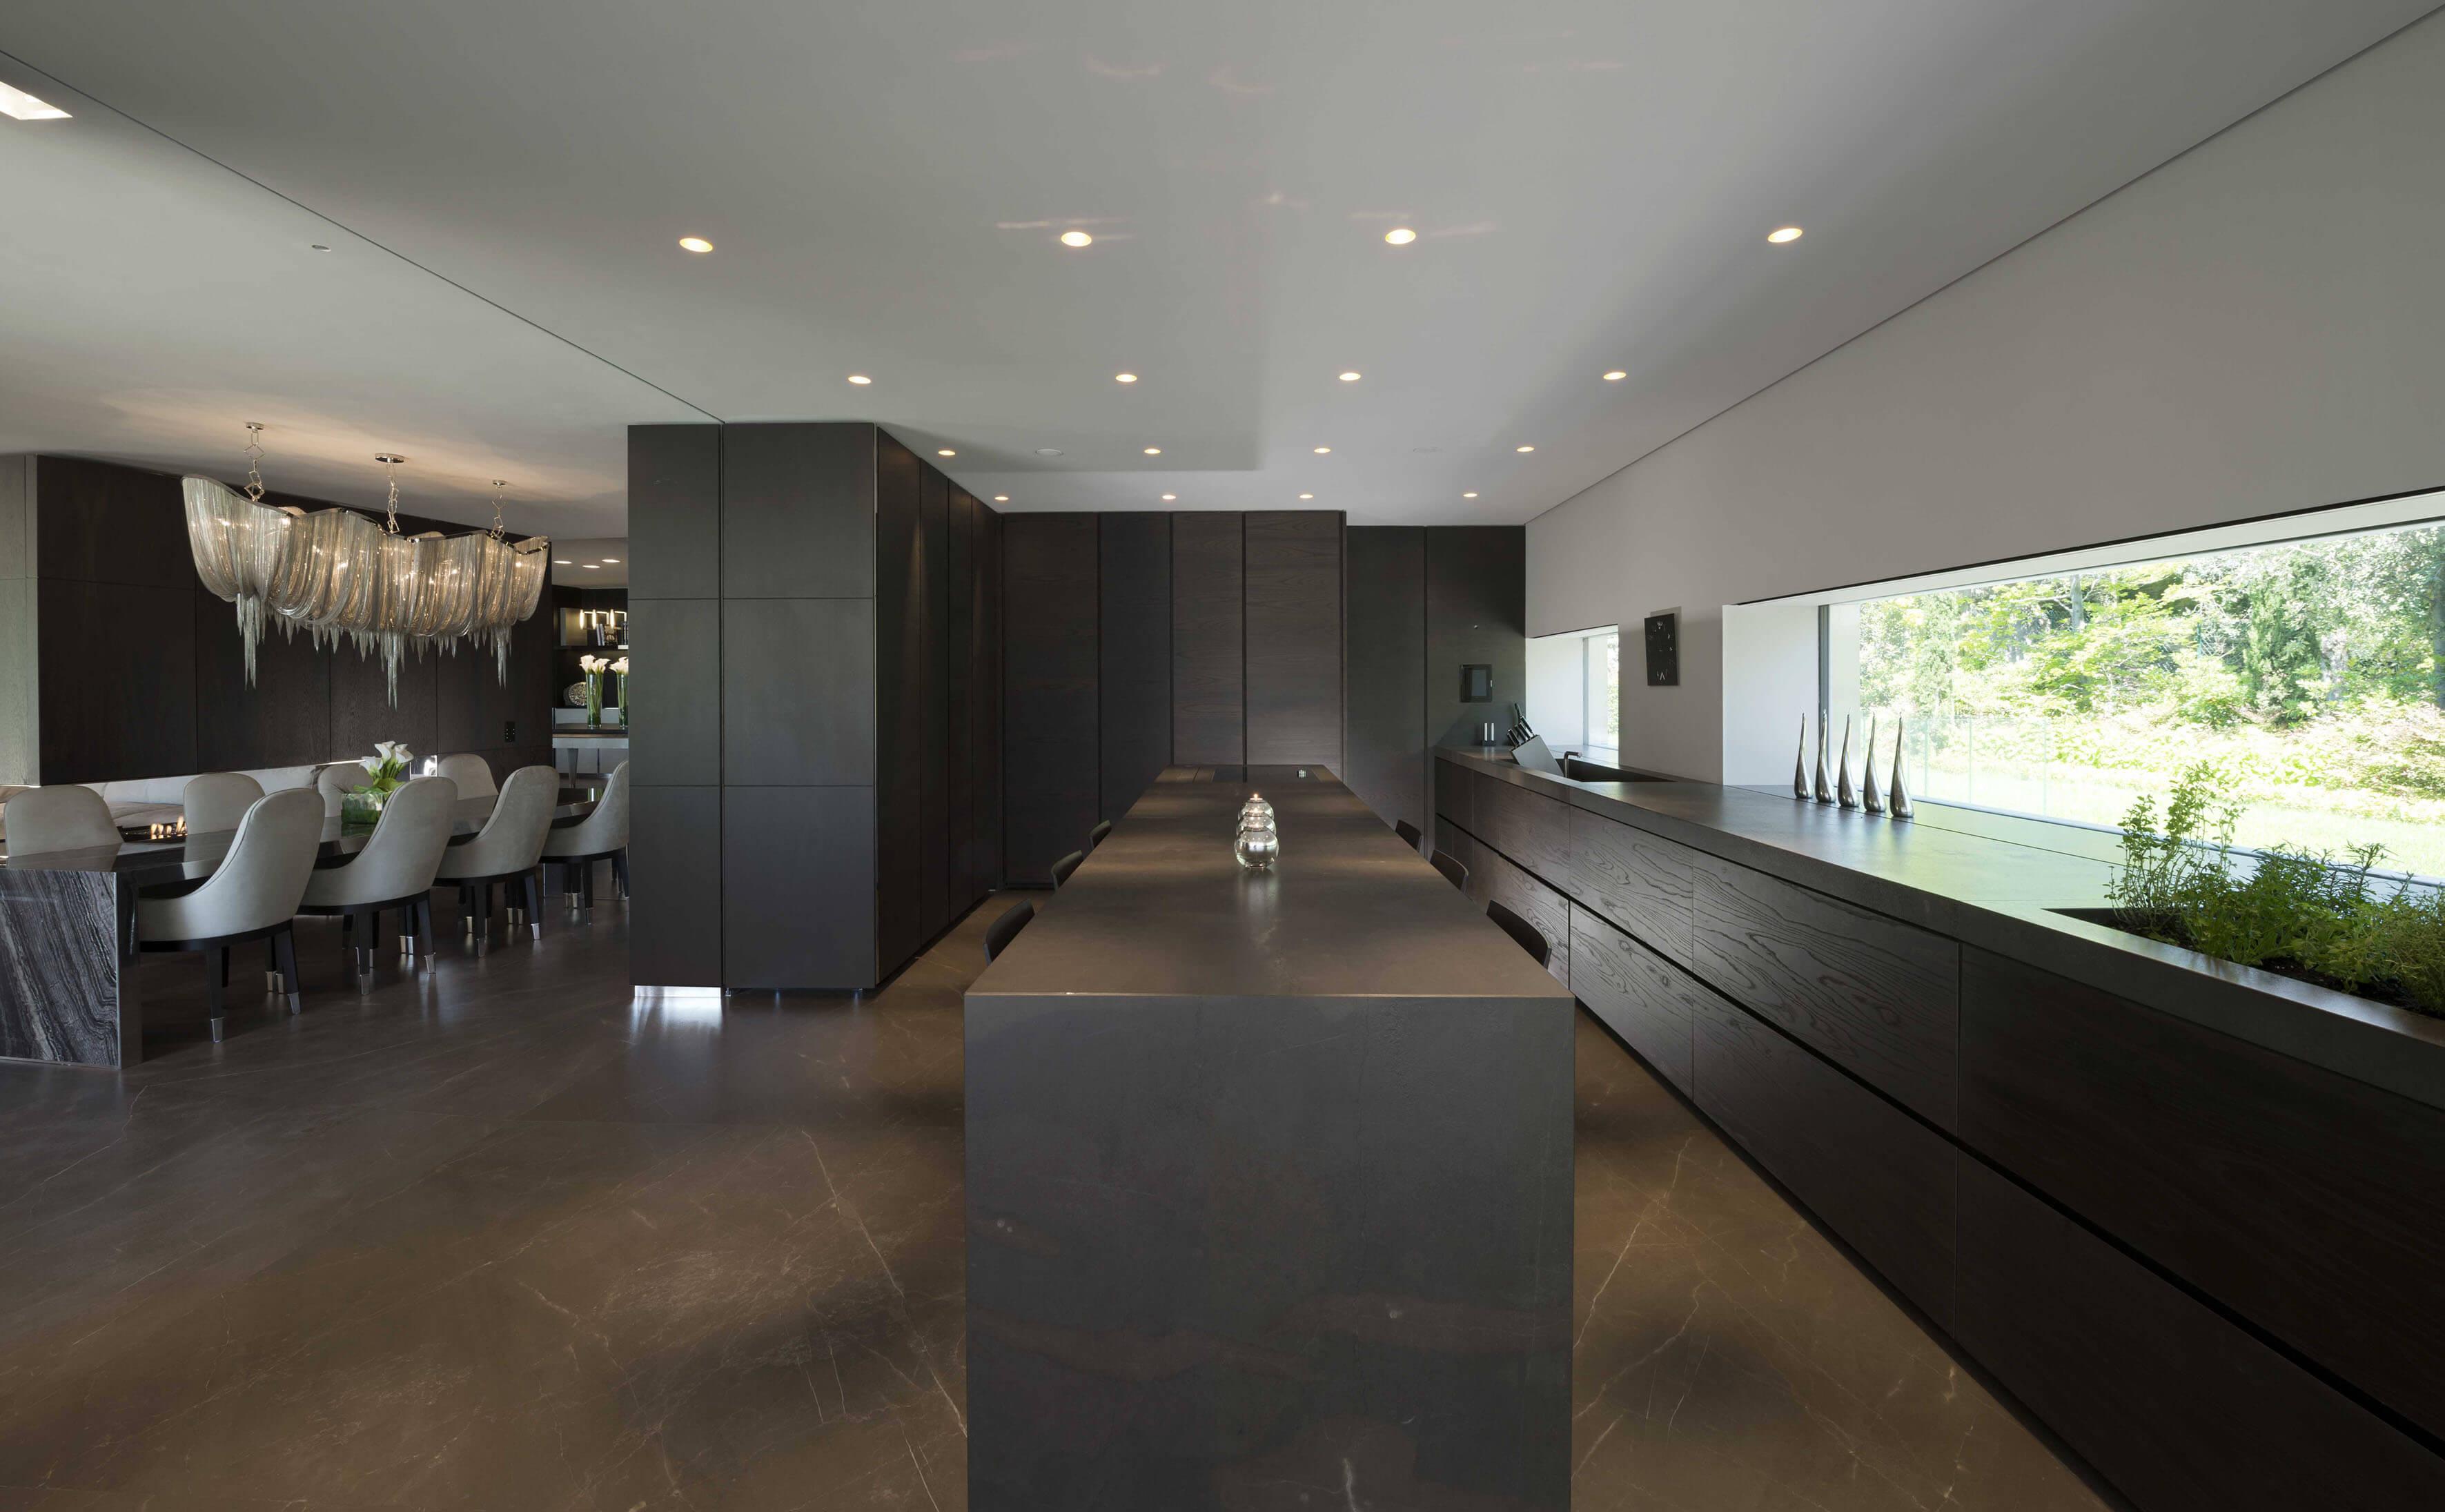 Top 10 interior trends 2019 ein neues jahr f r ihr zuhause - Wohnzimmer trendfarben ...